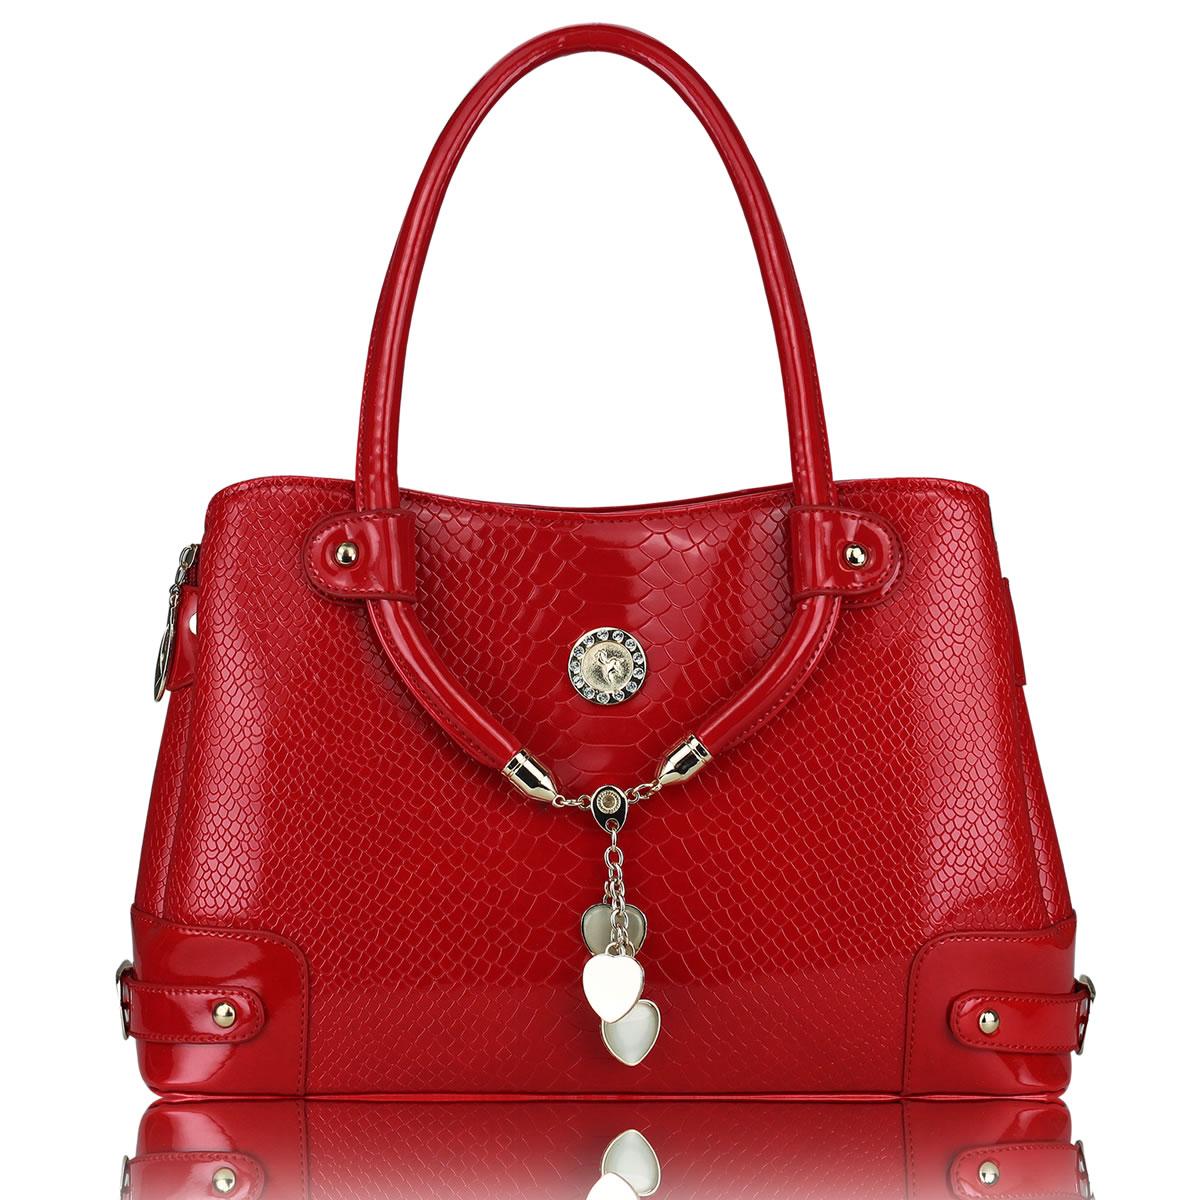 夏天2013新款潮女士皮包红色女包包手提包新娘包包结婚包特价清仓